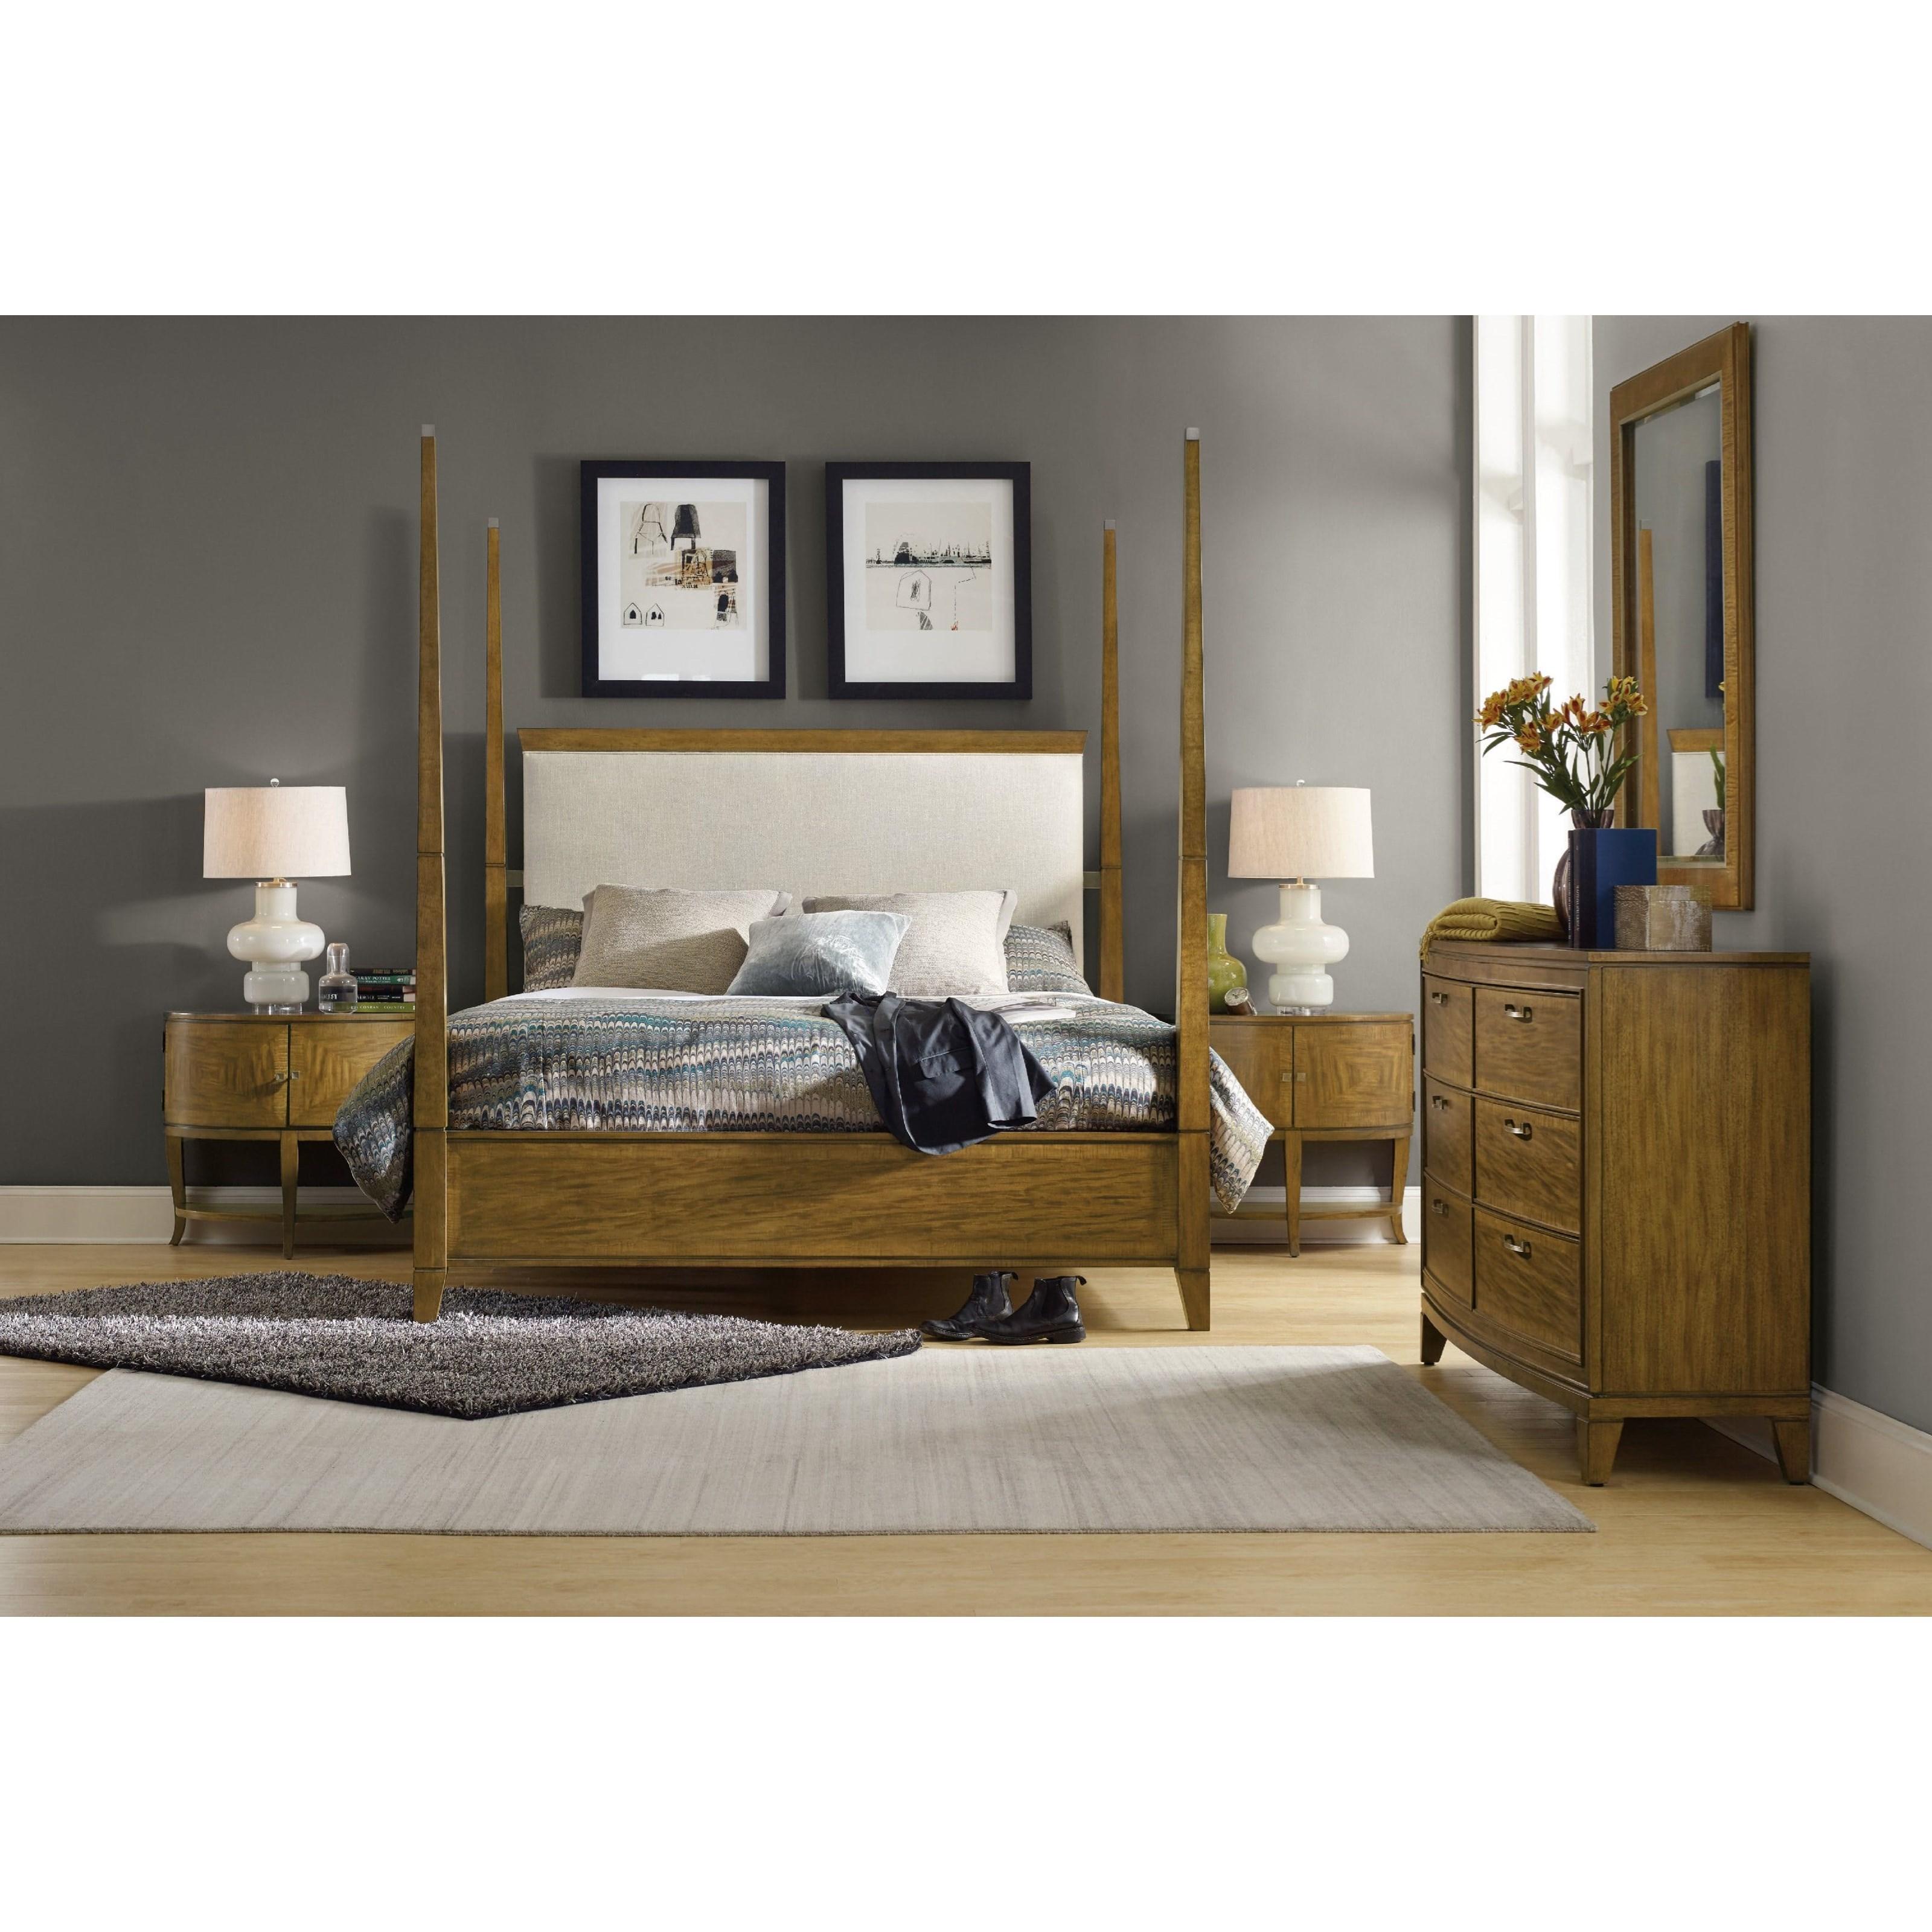 Hooker Furniture Retropolitan Queen Bedroom Group - Item Number: 5510 Q Bedroom Group 2